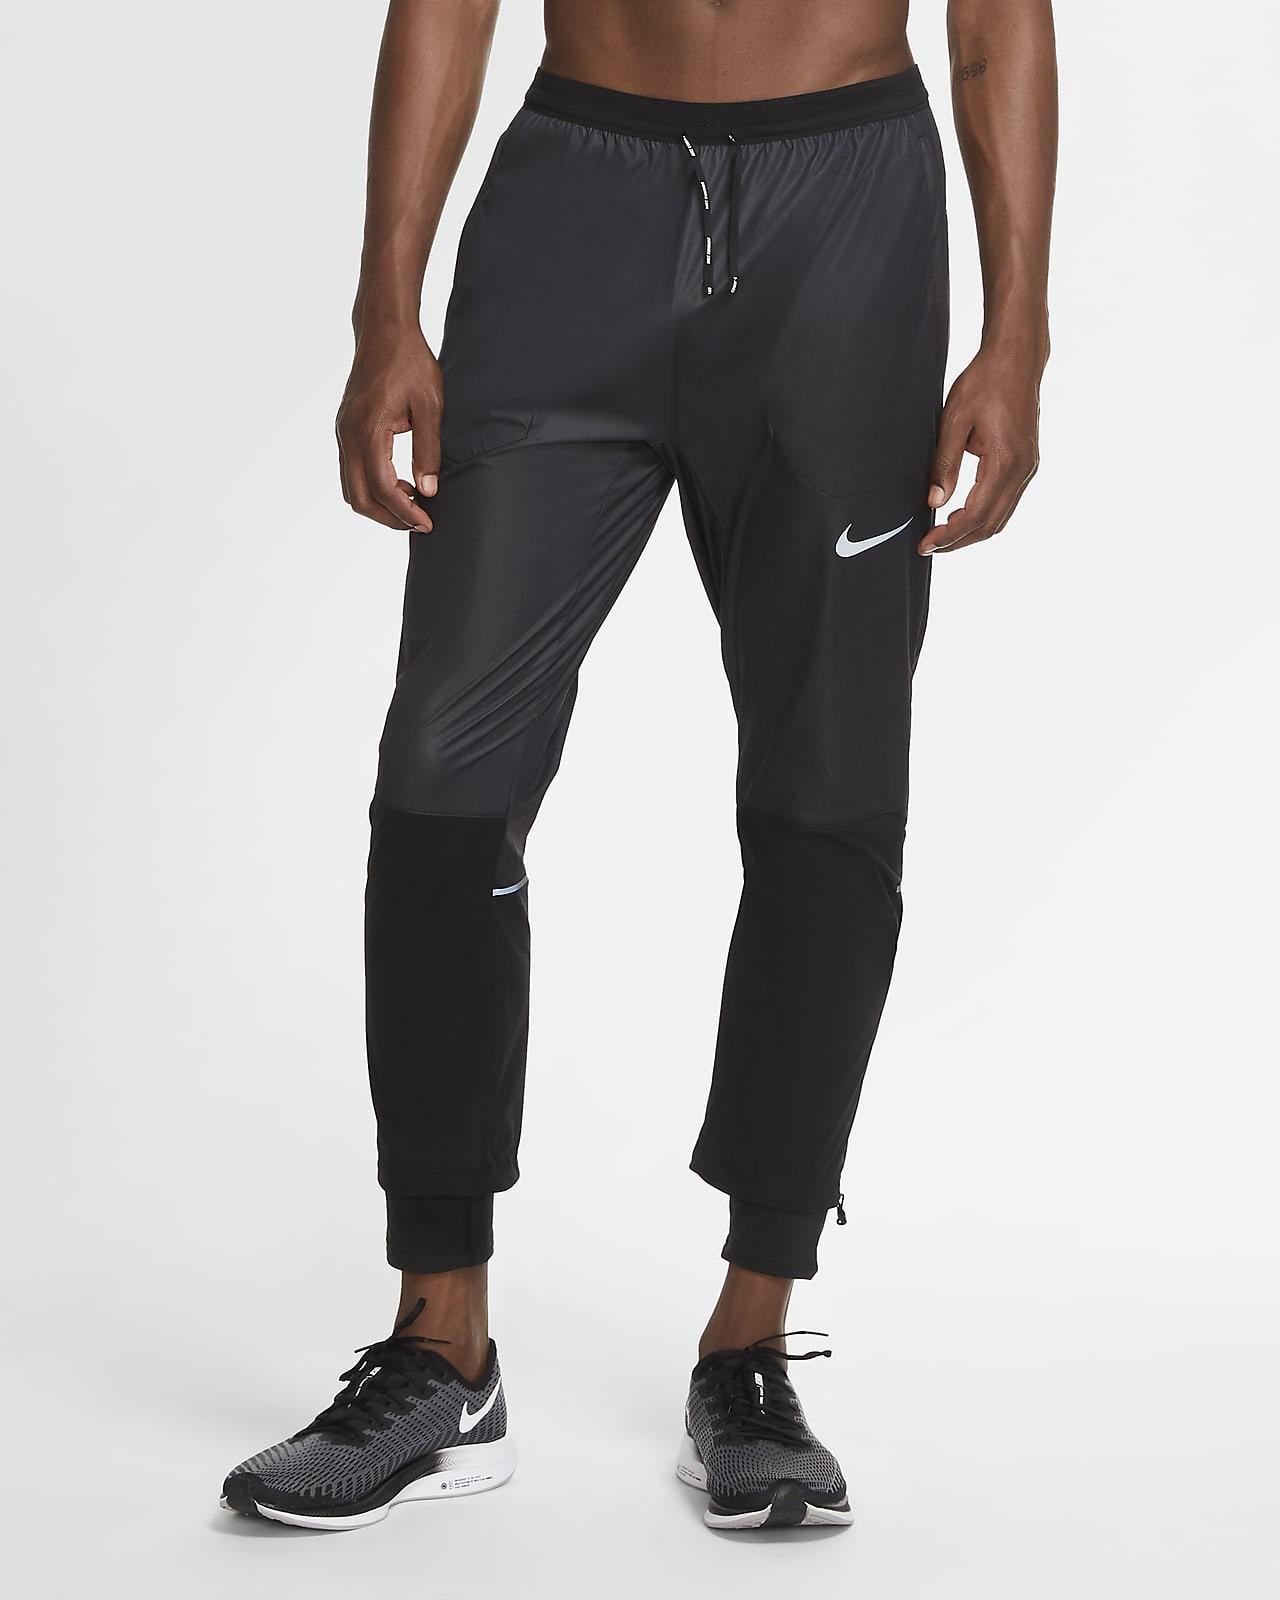 Męskie spodnie do biegania Nike Swift Shield